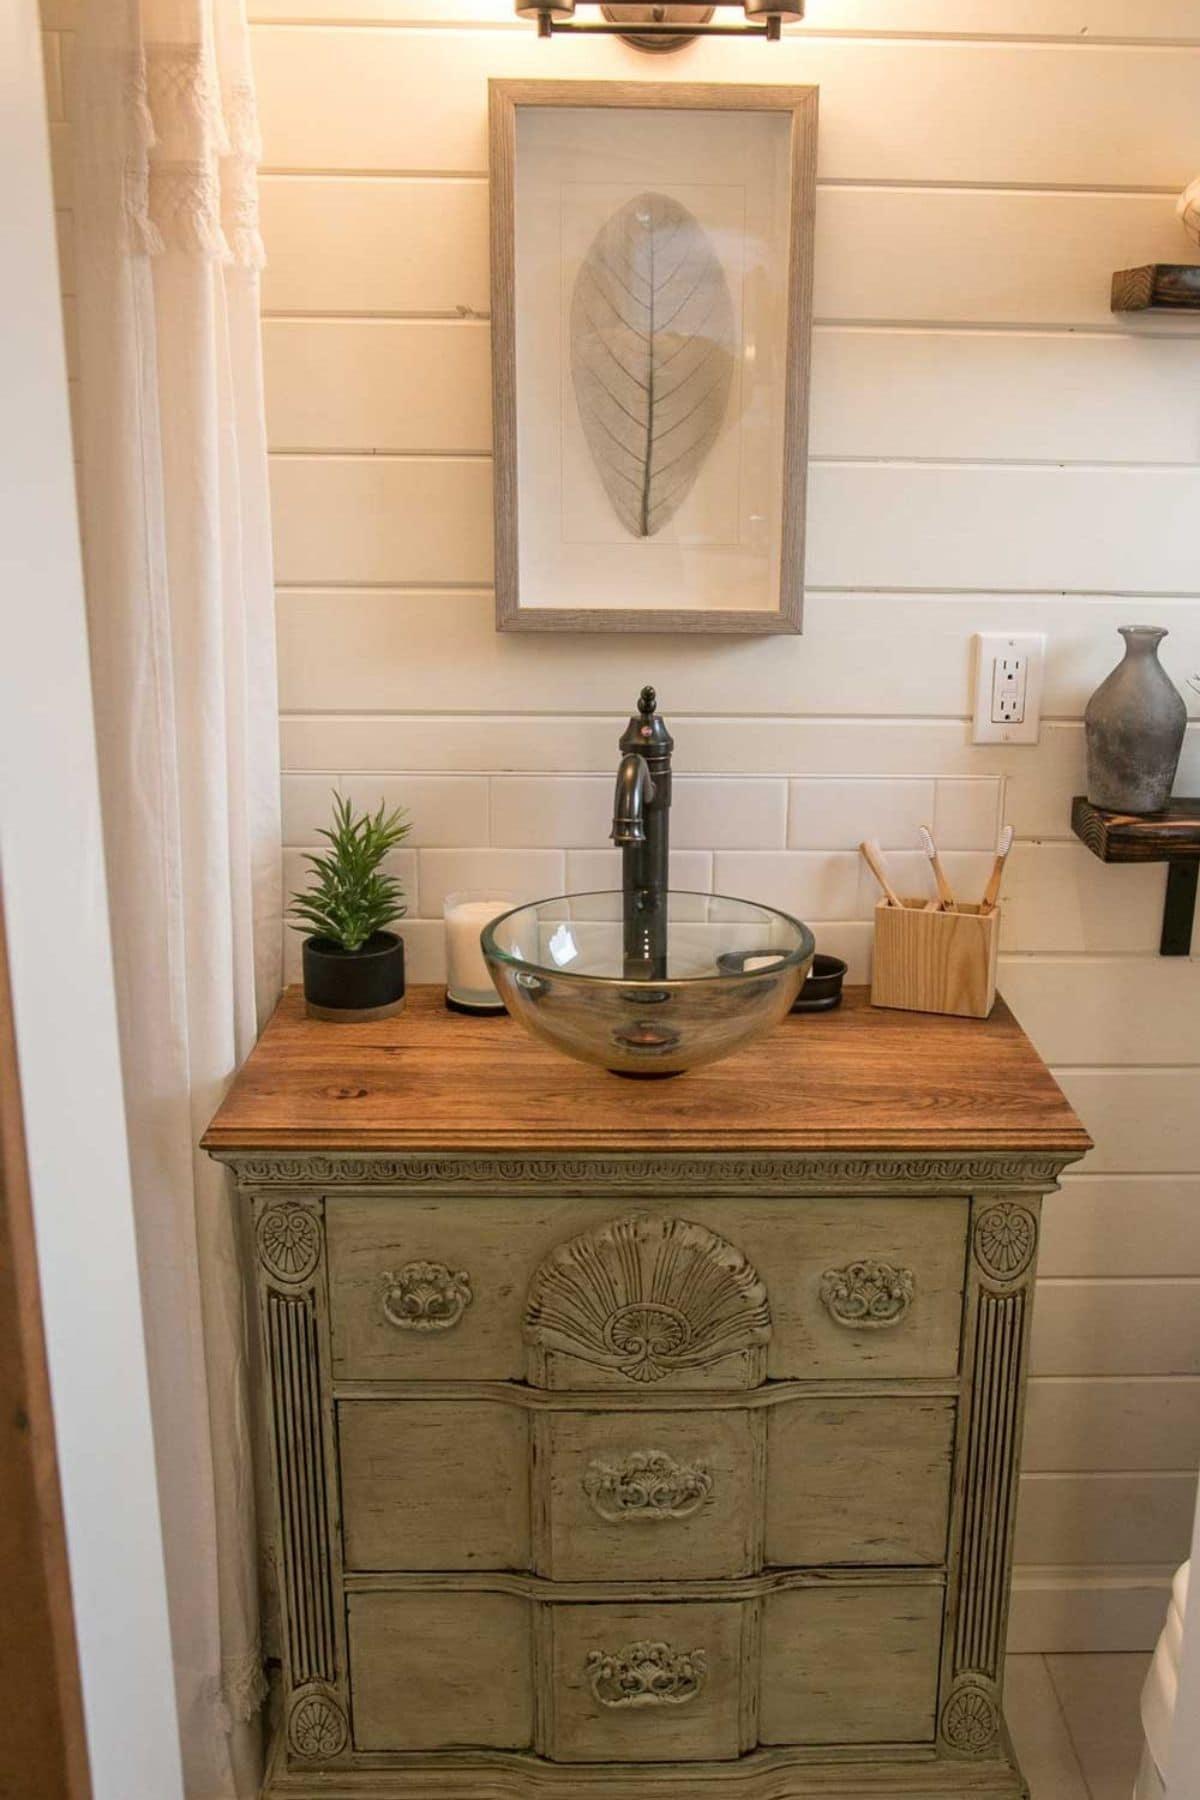 Olive green custom vanity below glass bowl sink